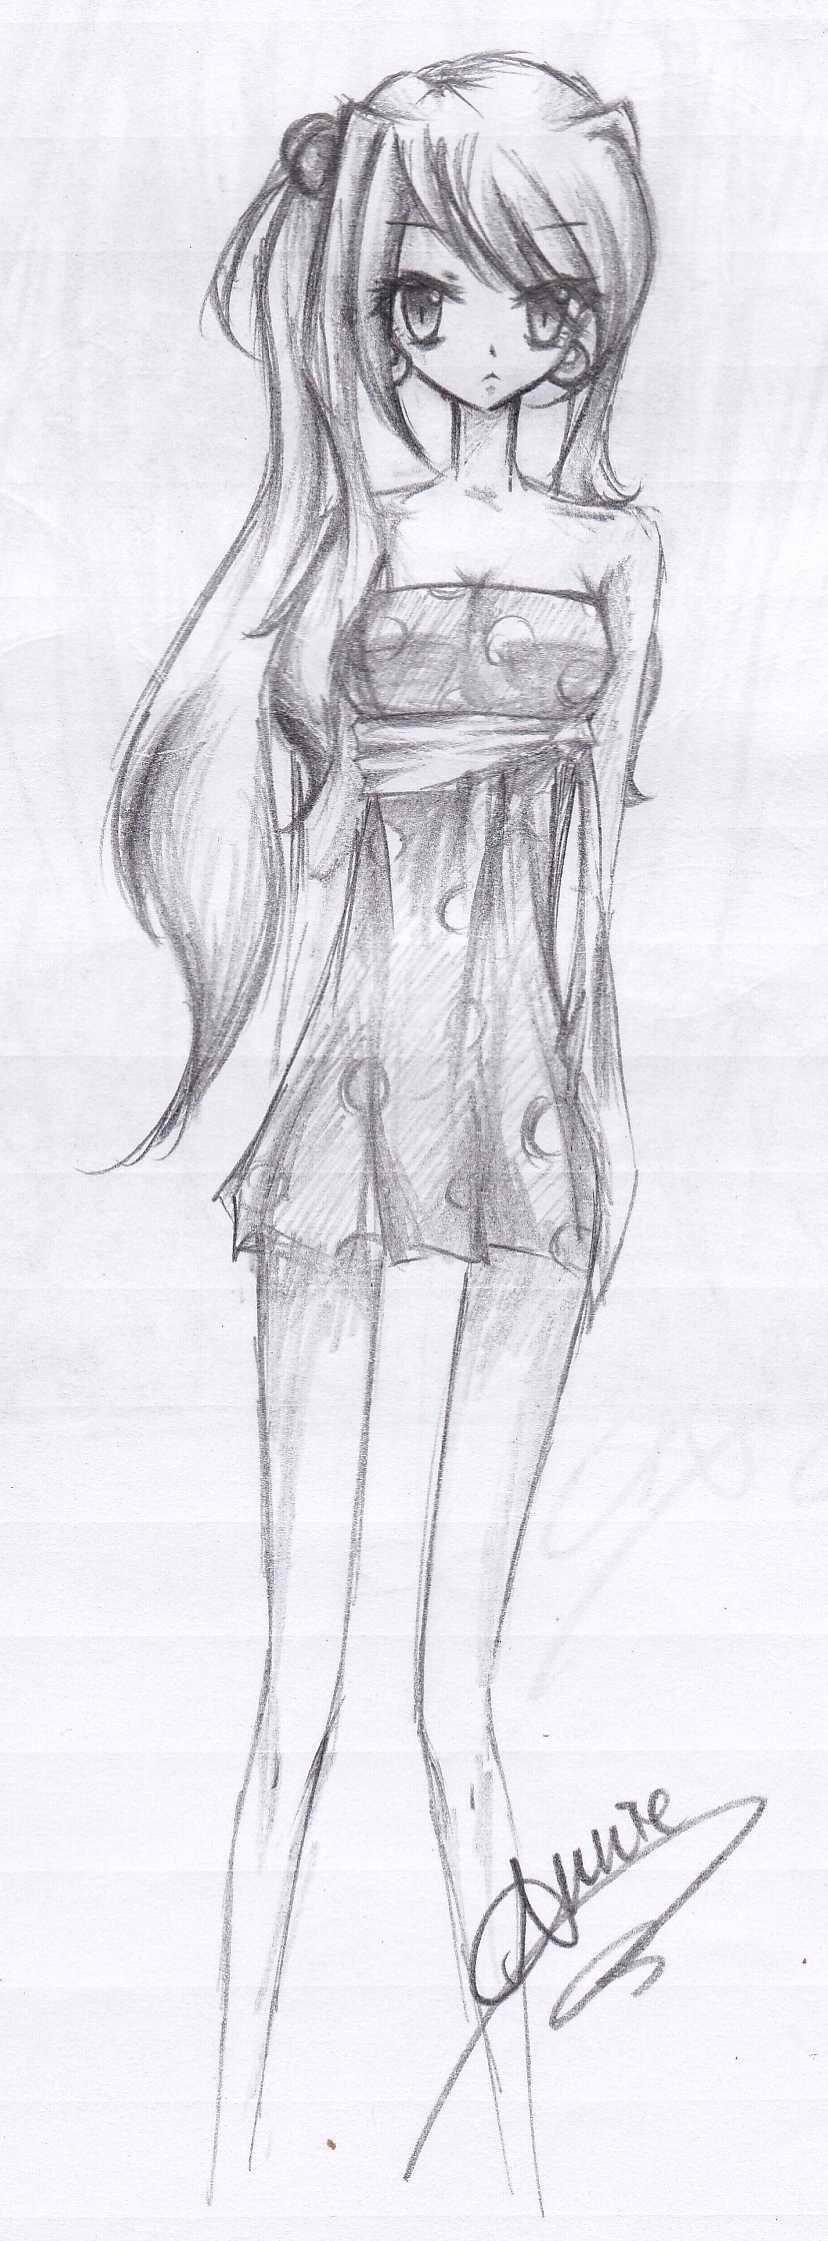 Girl08 by anniecheng09